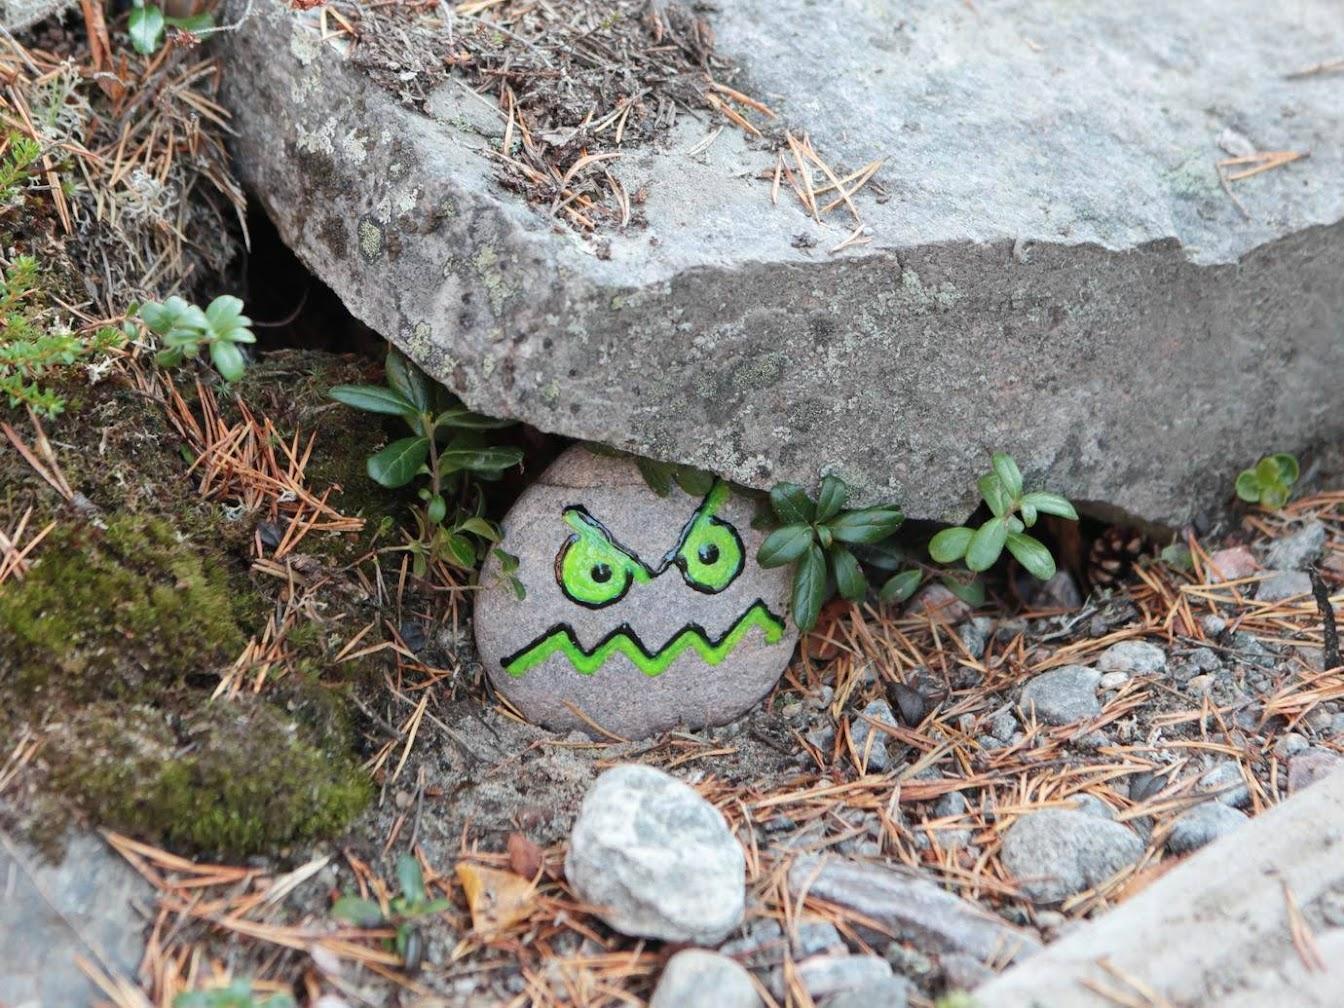 Тот-Кто-Живёт-под-Камнем